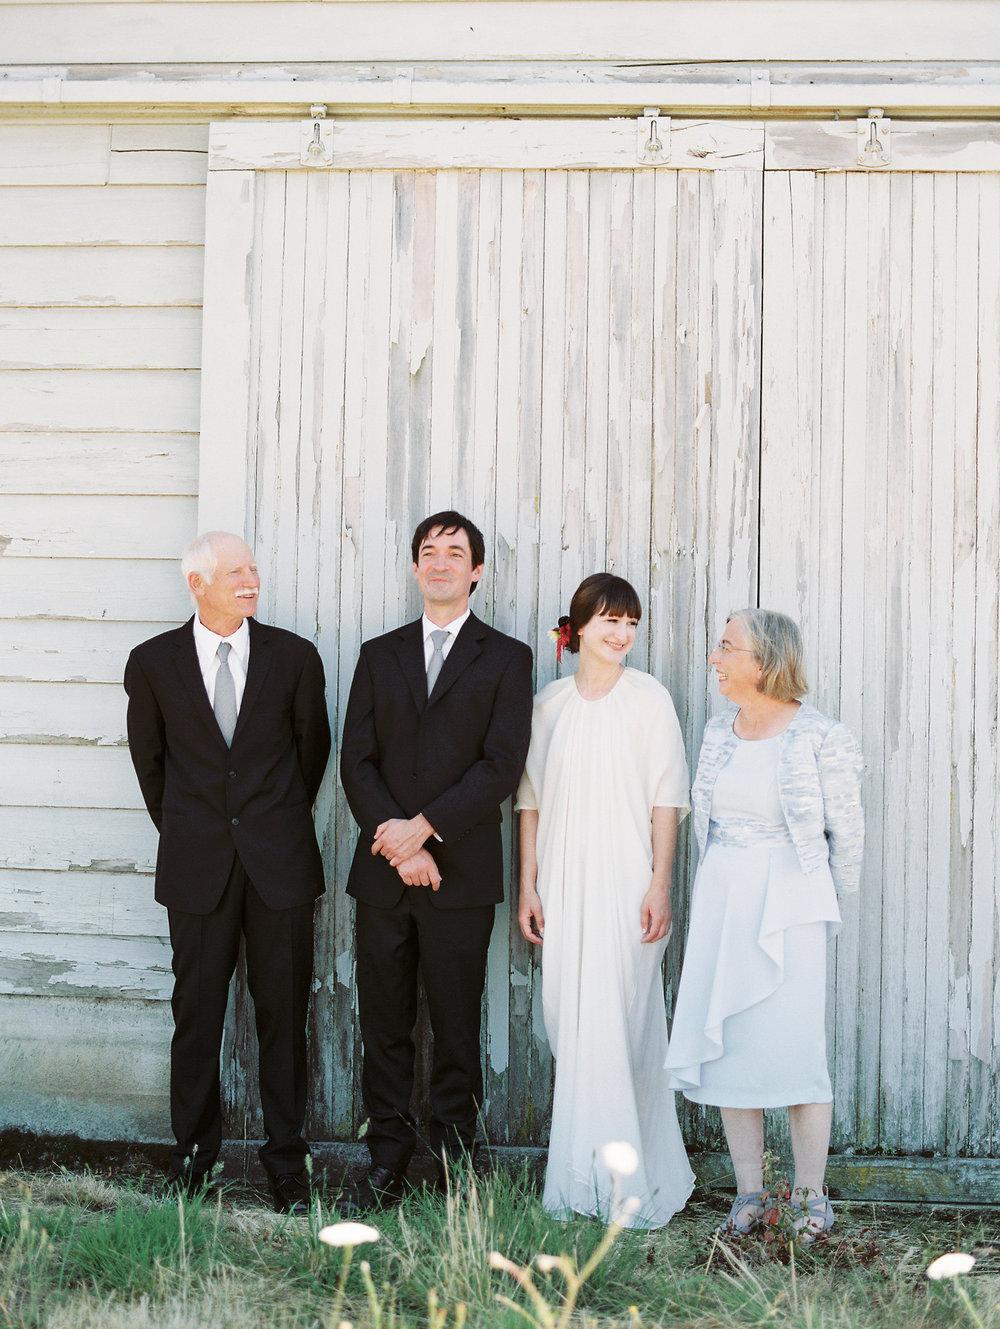 colin-elizabeth-wedding-family-portraits-7.jpg